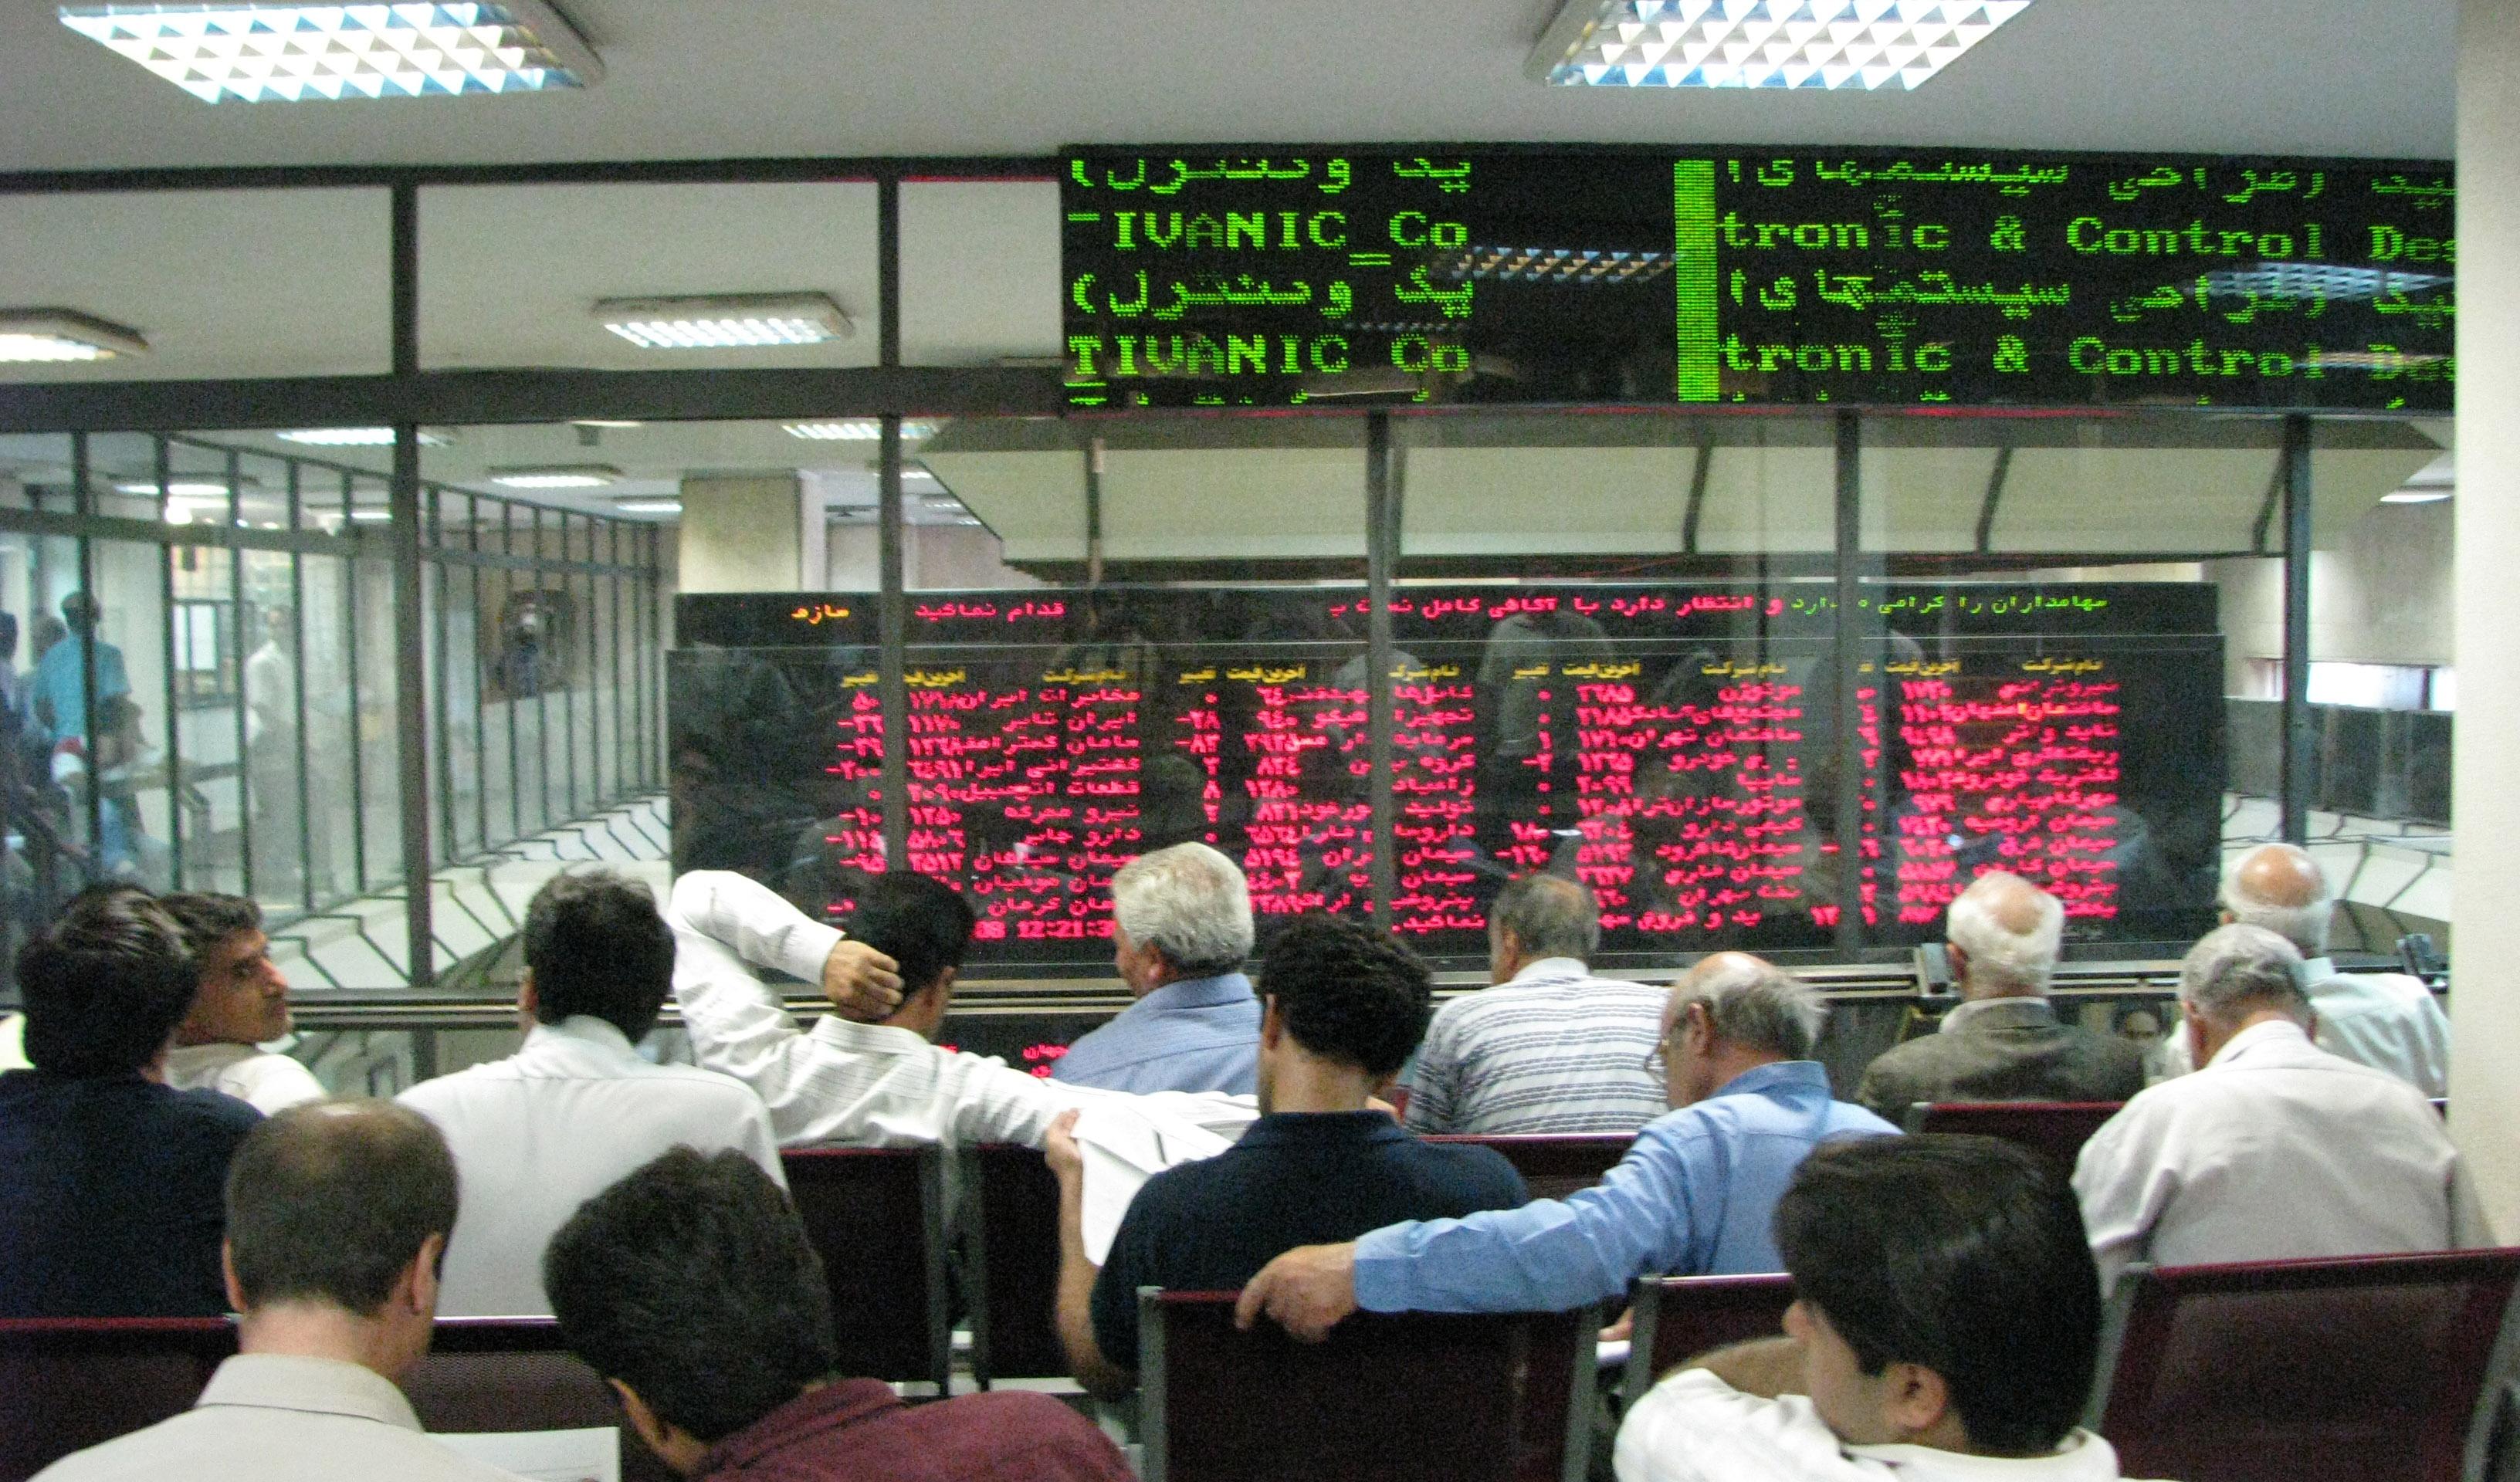 معاملات قراردادهای اختیار معامله بانک صادرات آغاز شد